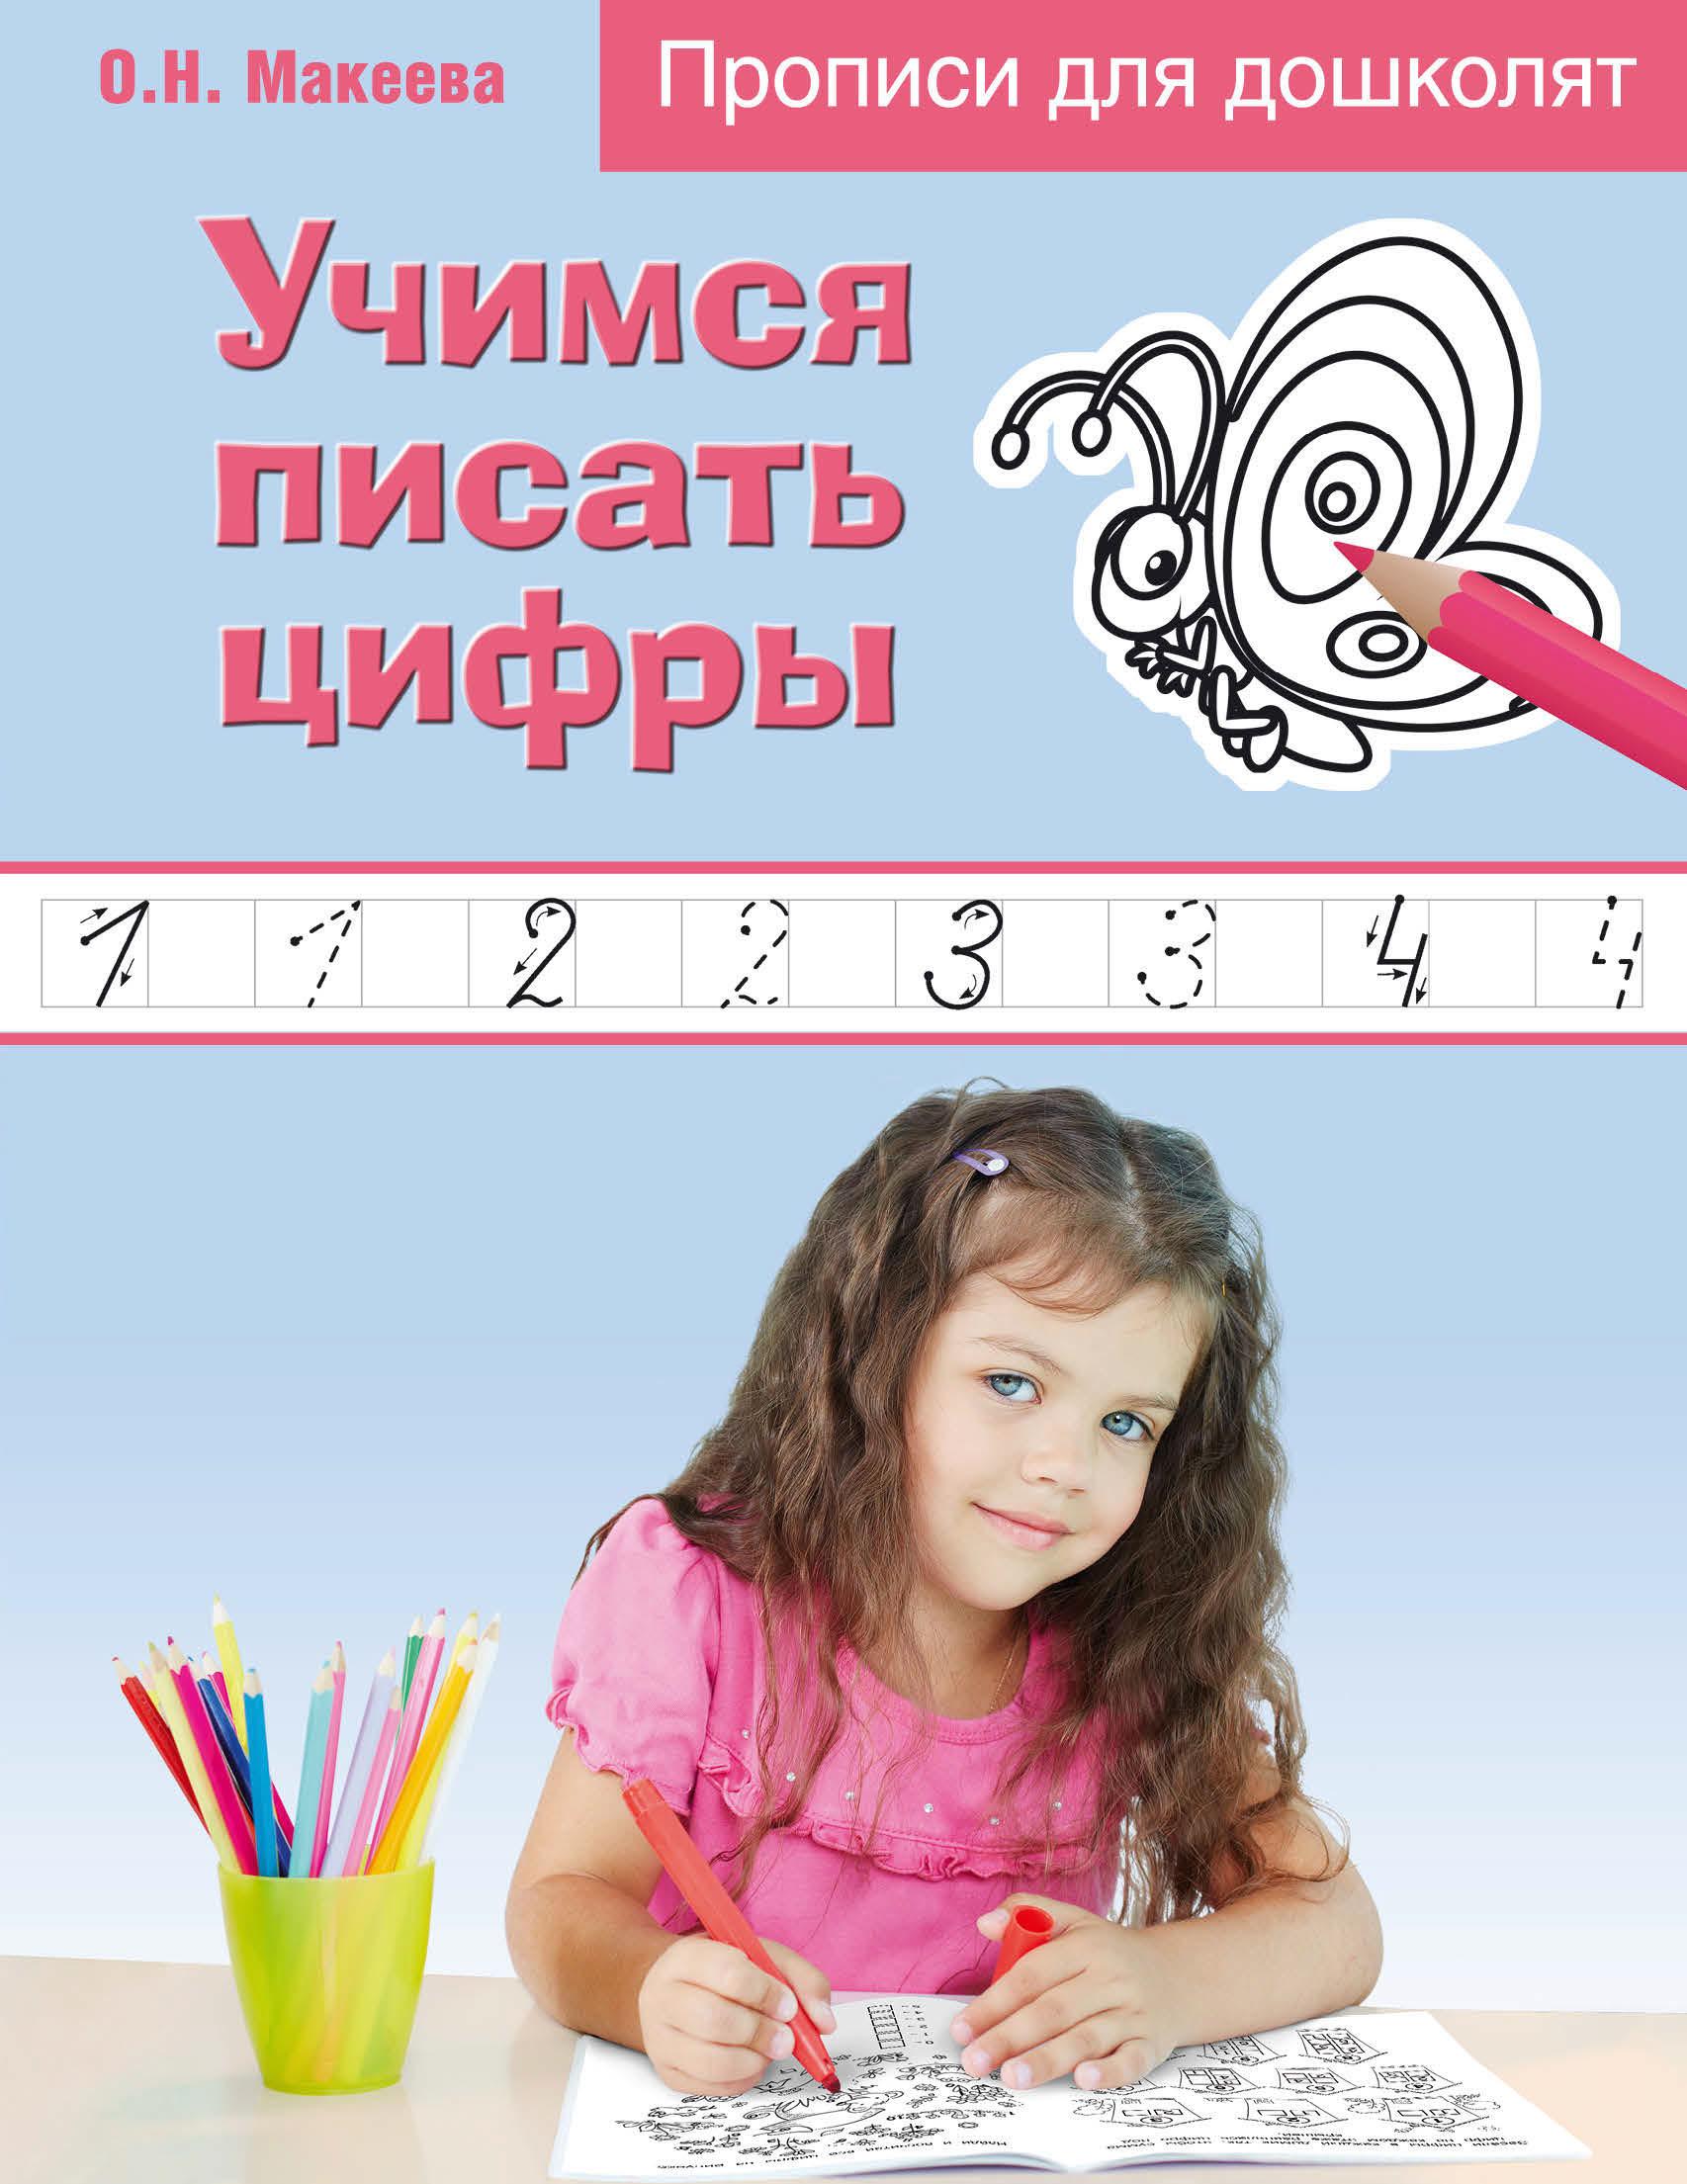 О. Н. Макеева Учимся писать цифры учимся писать цифры стихи и прописи